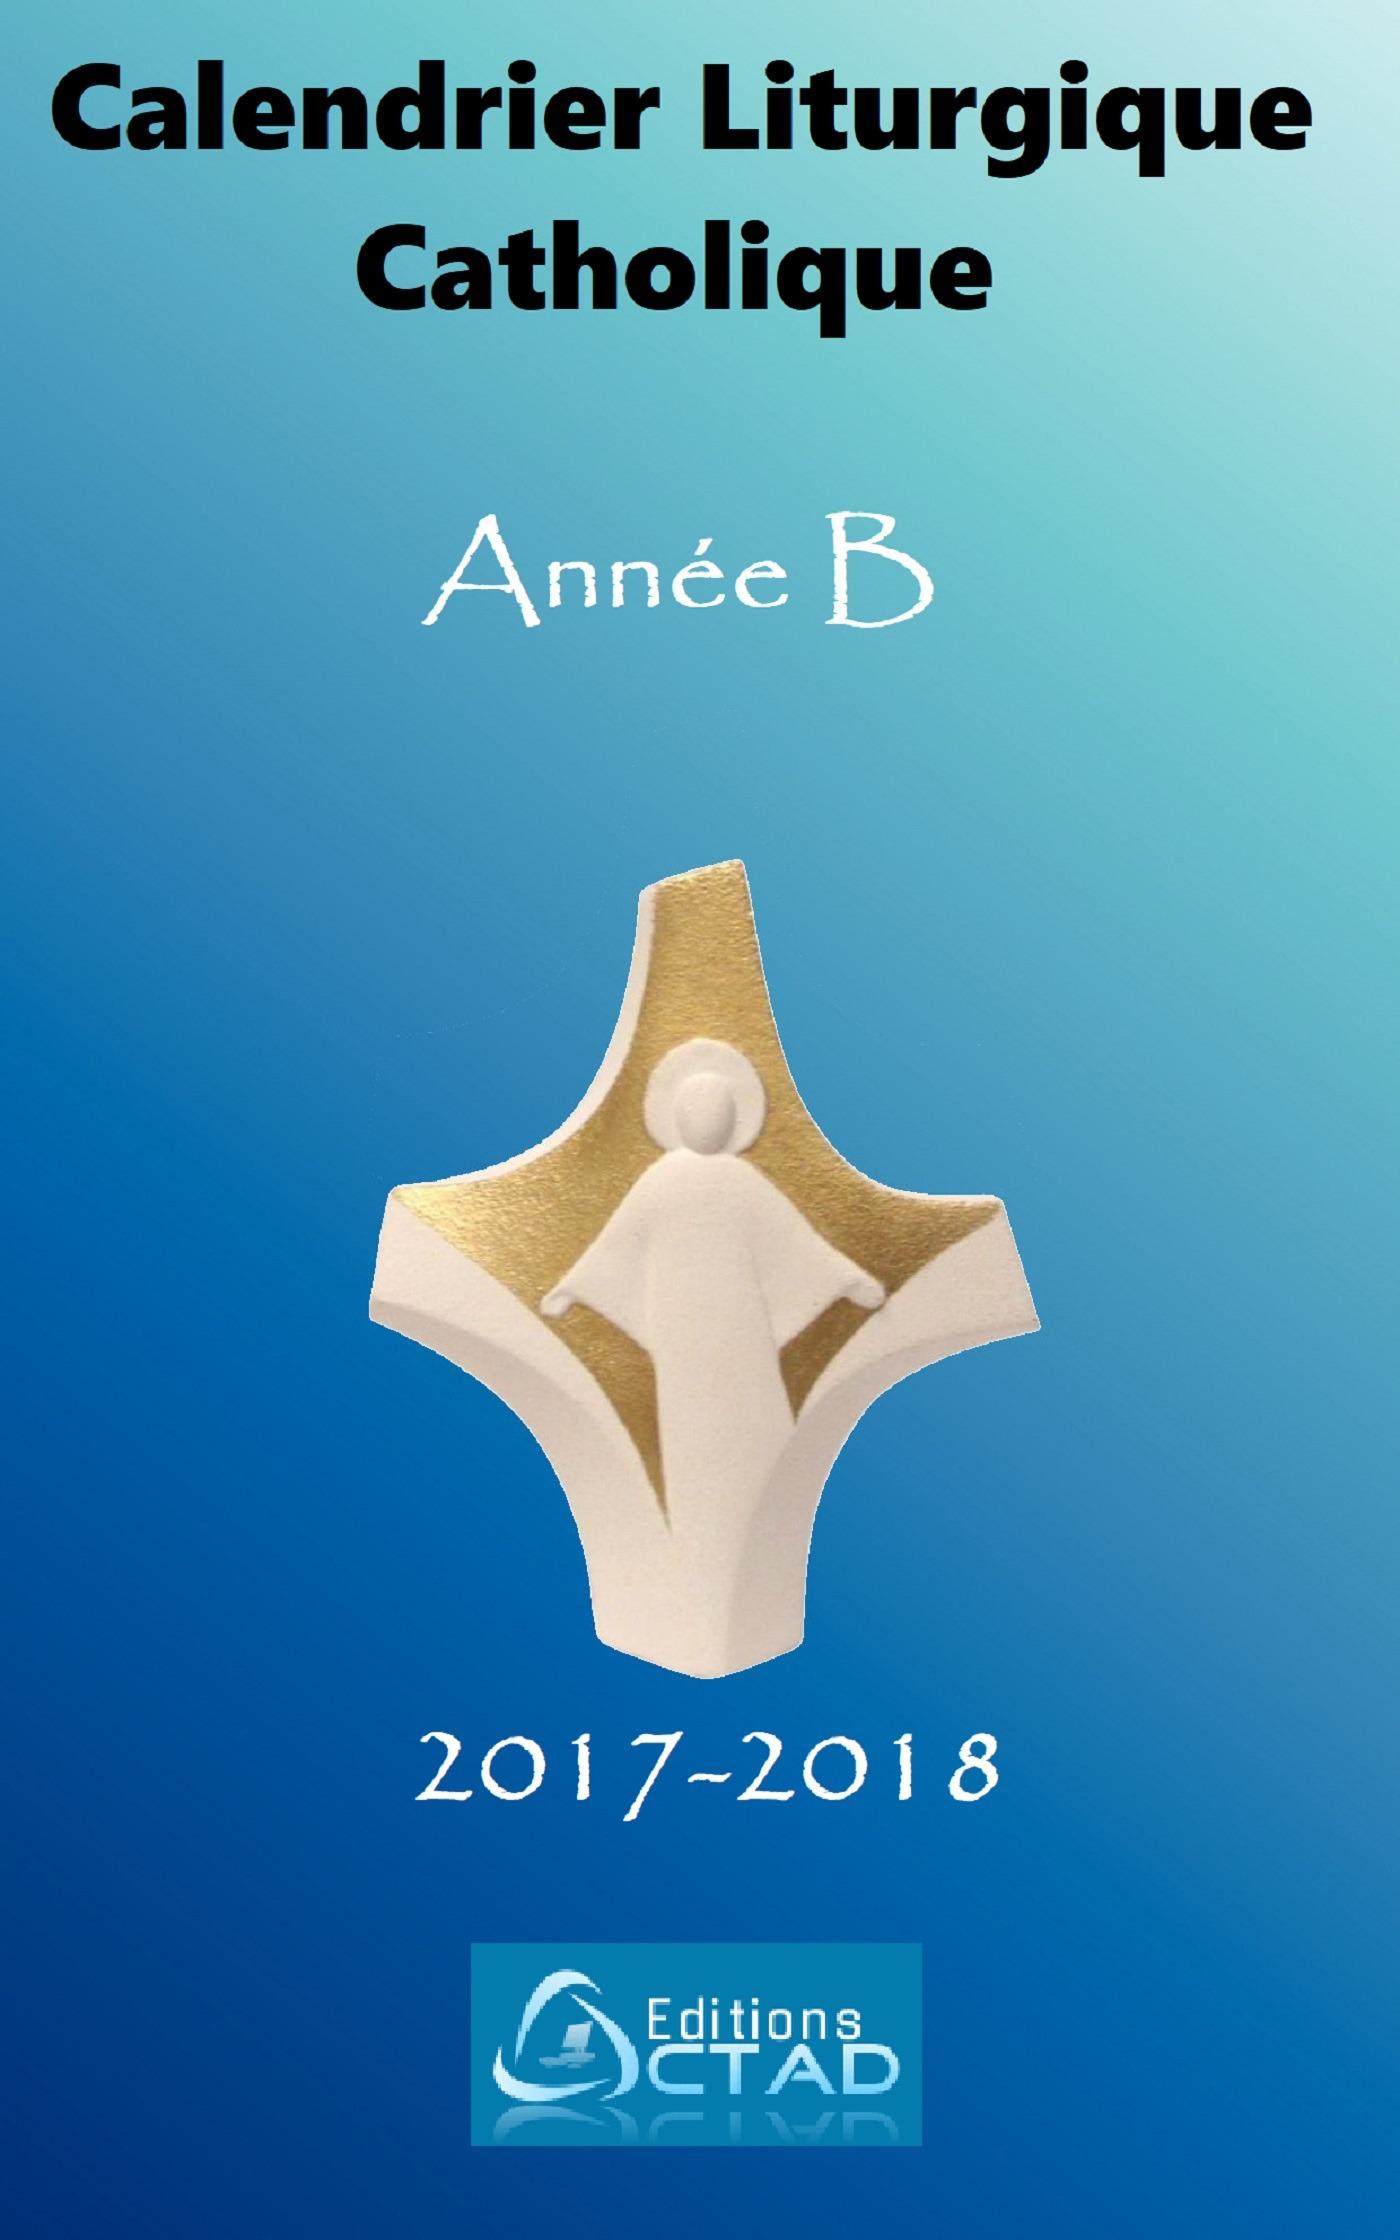 Calendrier liturgique catholique 2017-2018 (Année B)